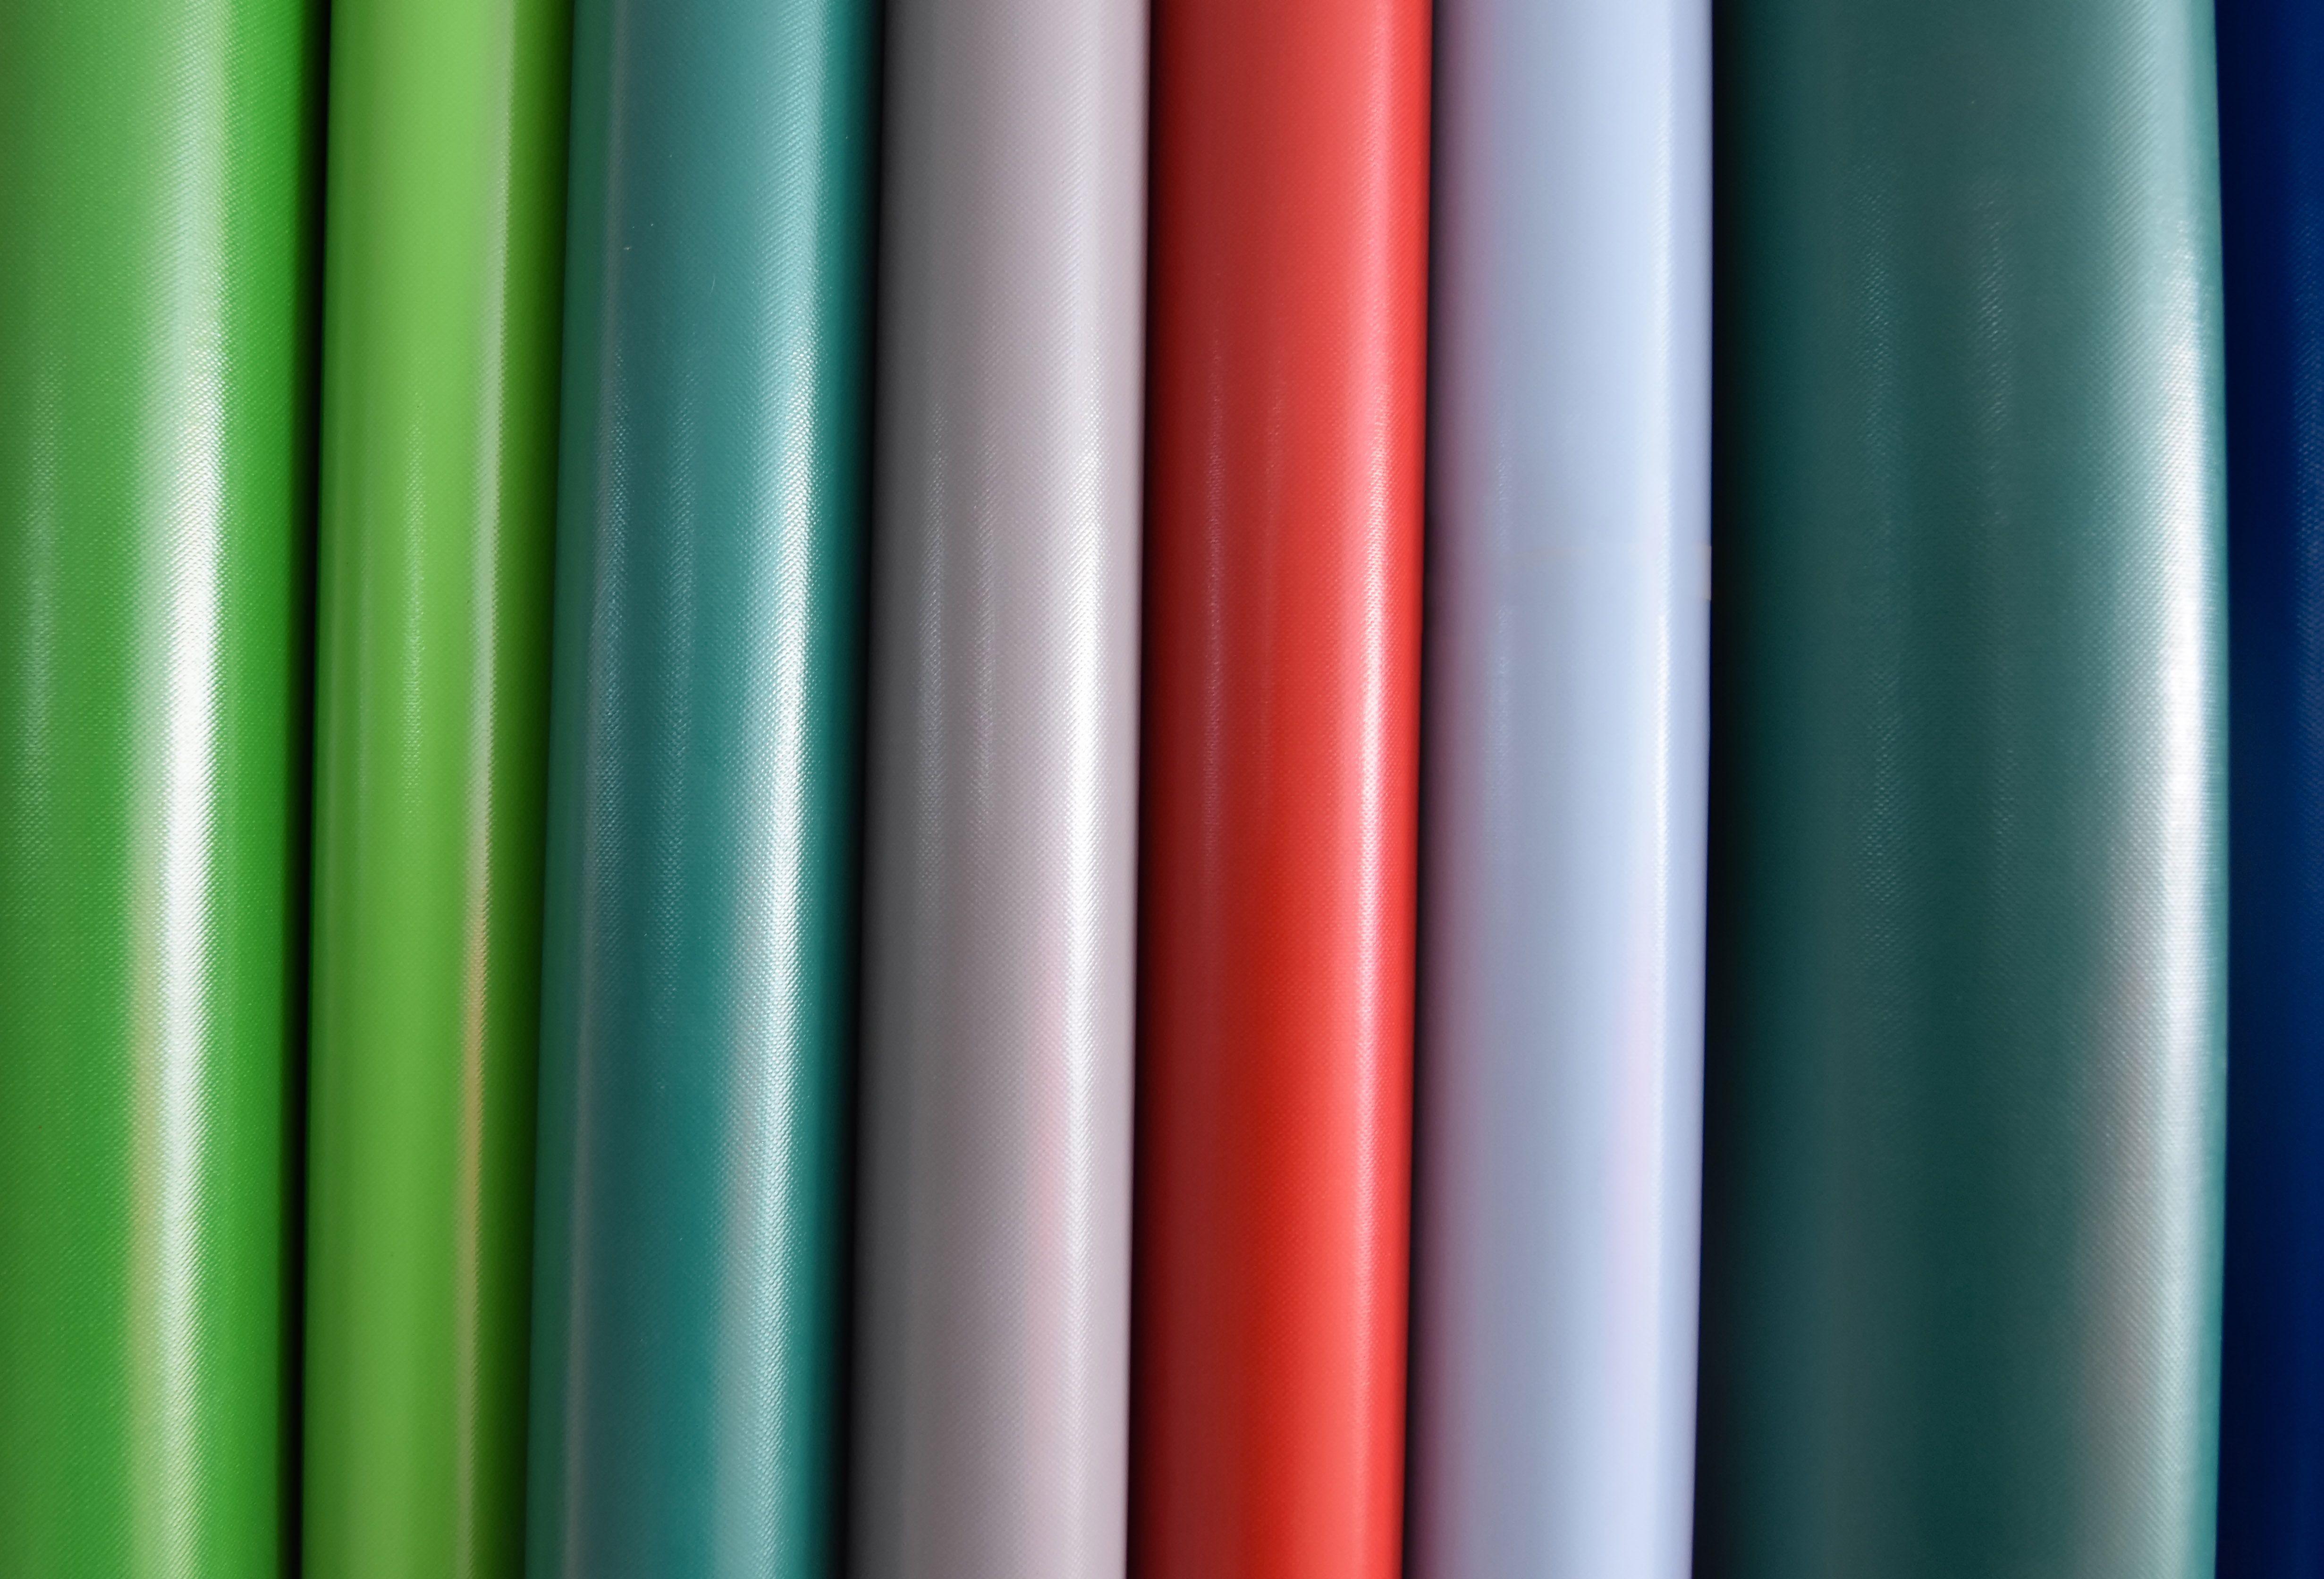 Ofrecemos diferentes diseños con variedad de estampados y acabados